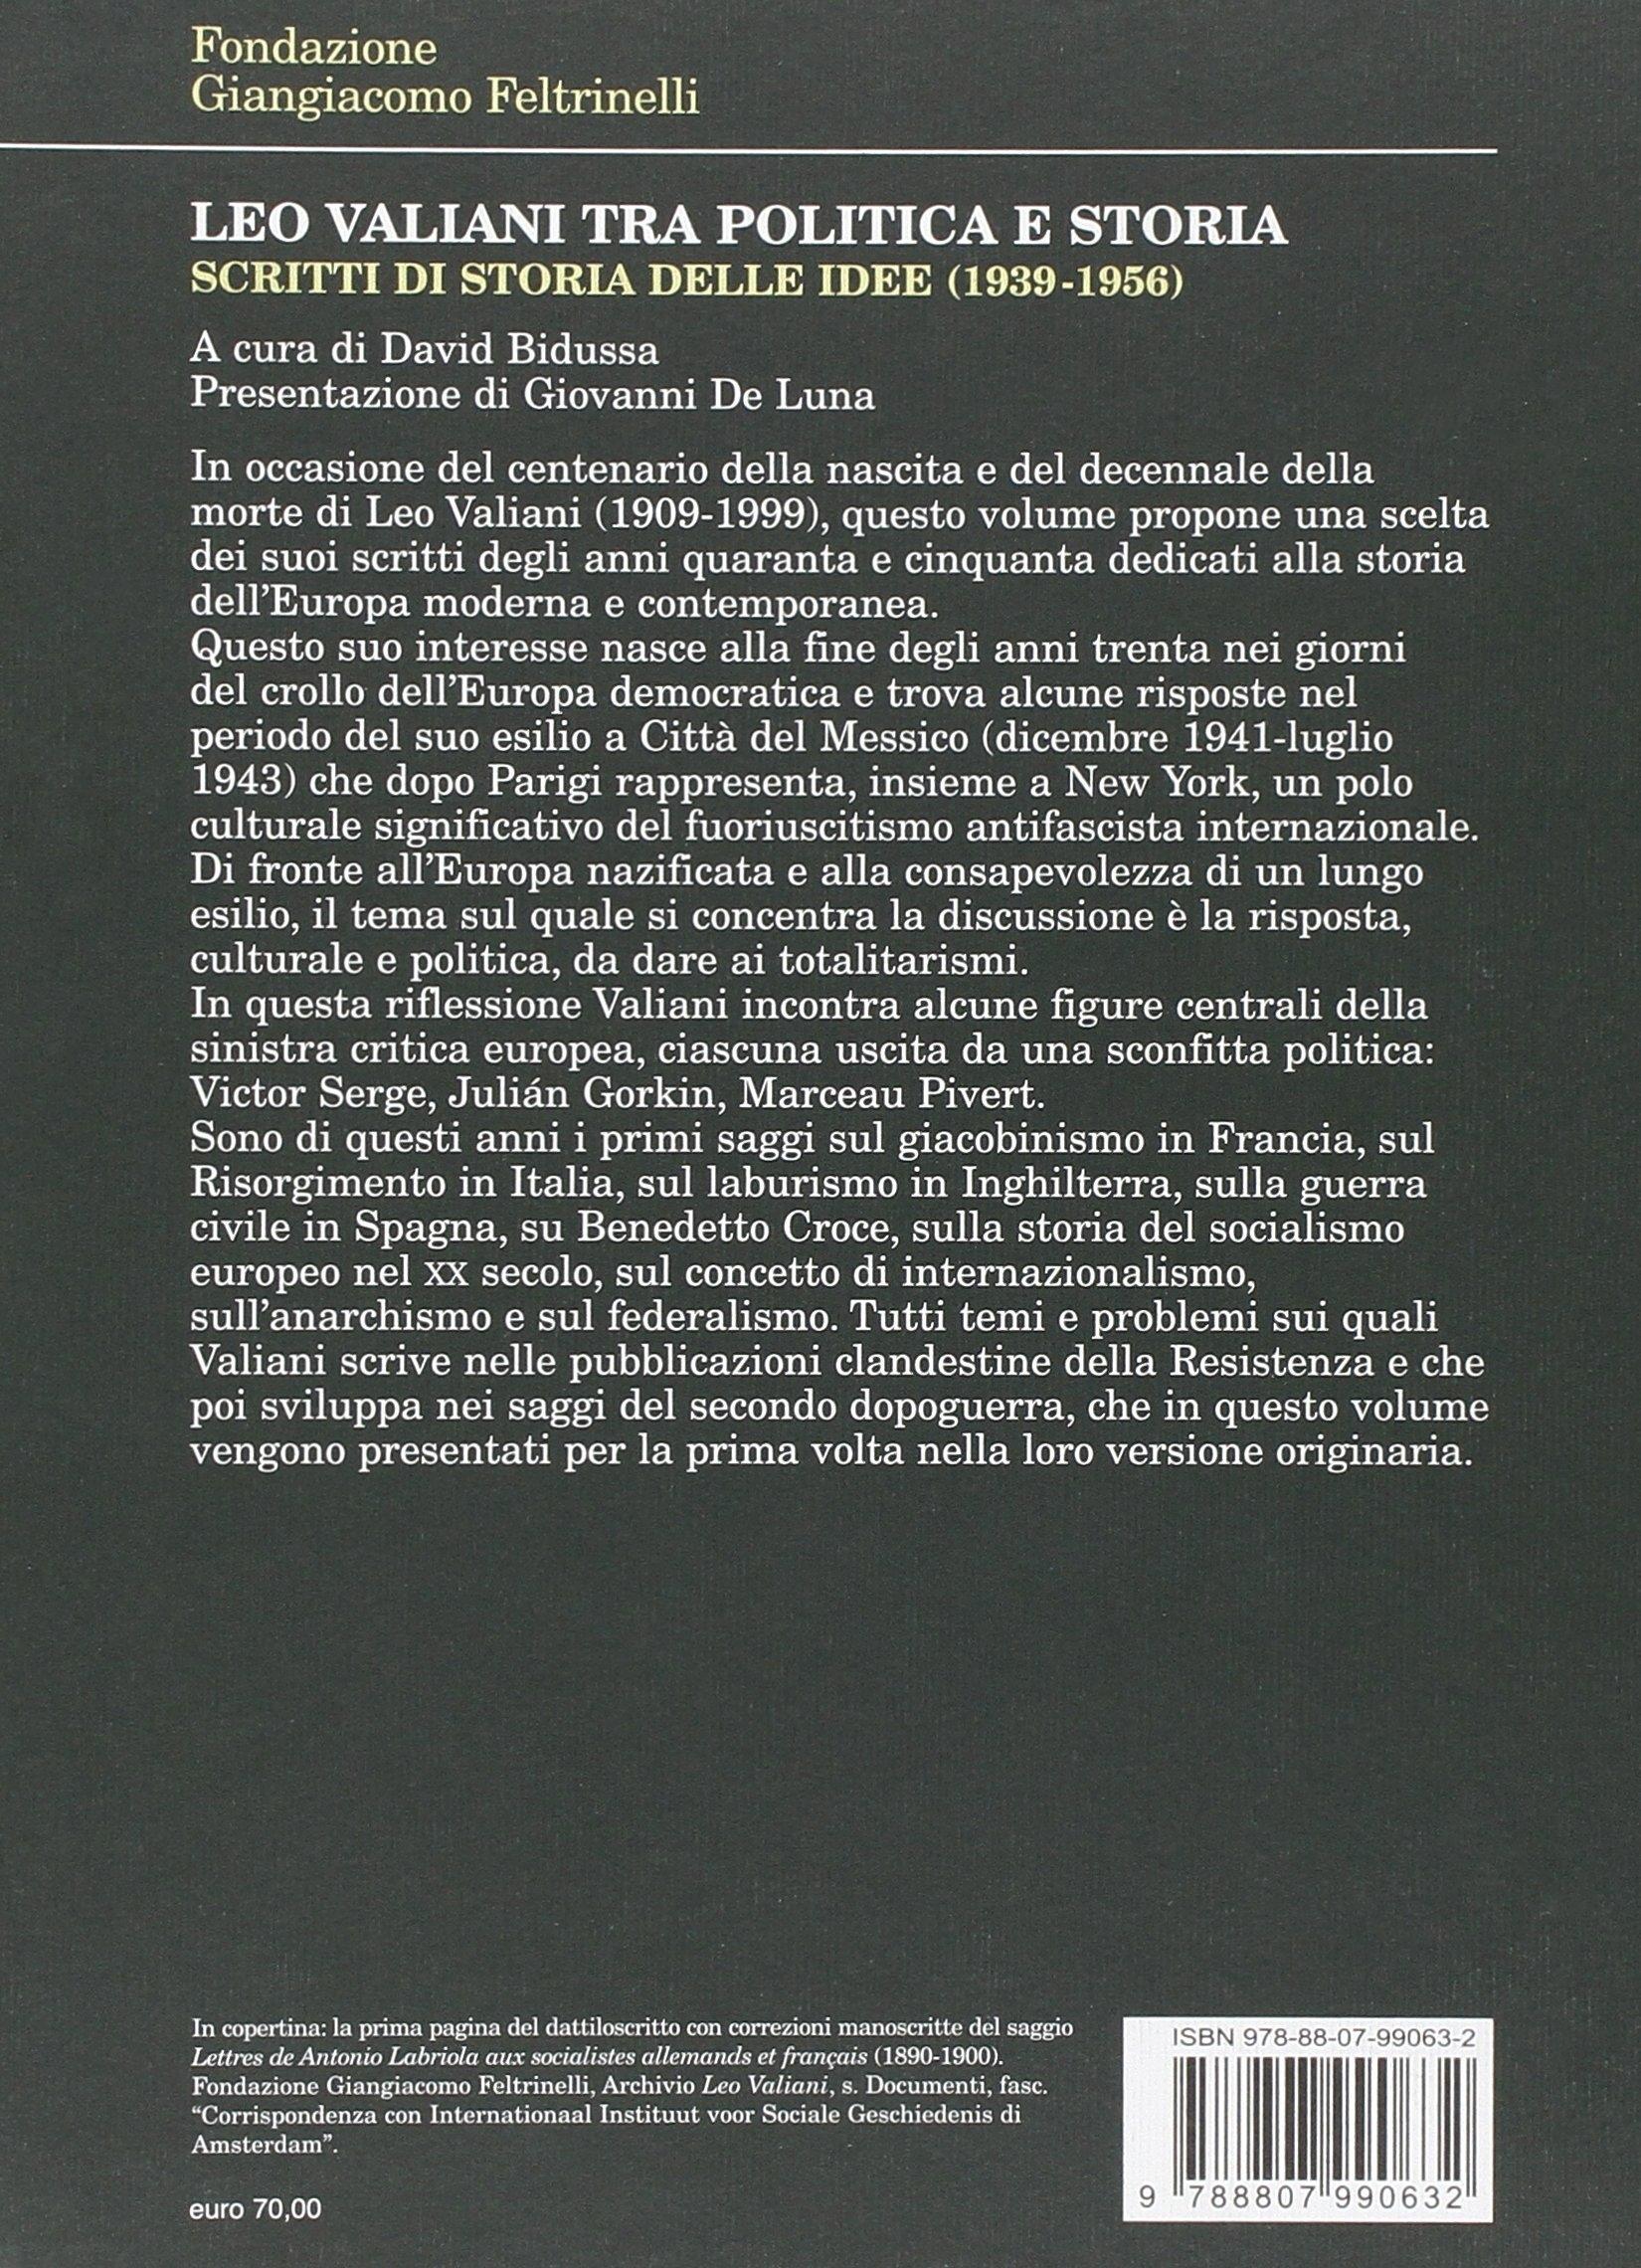 Leo Valiani, tra politica e storia. Scritti di storia delle idee (1939-1956)